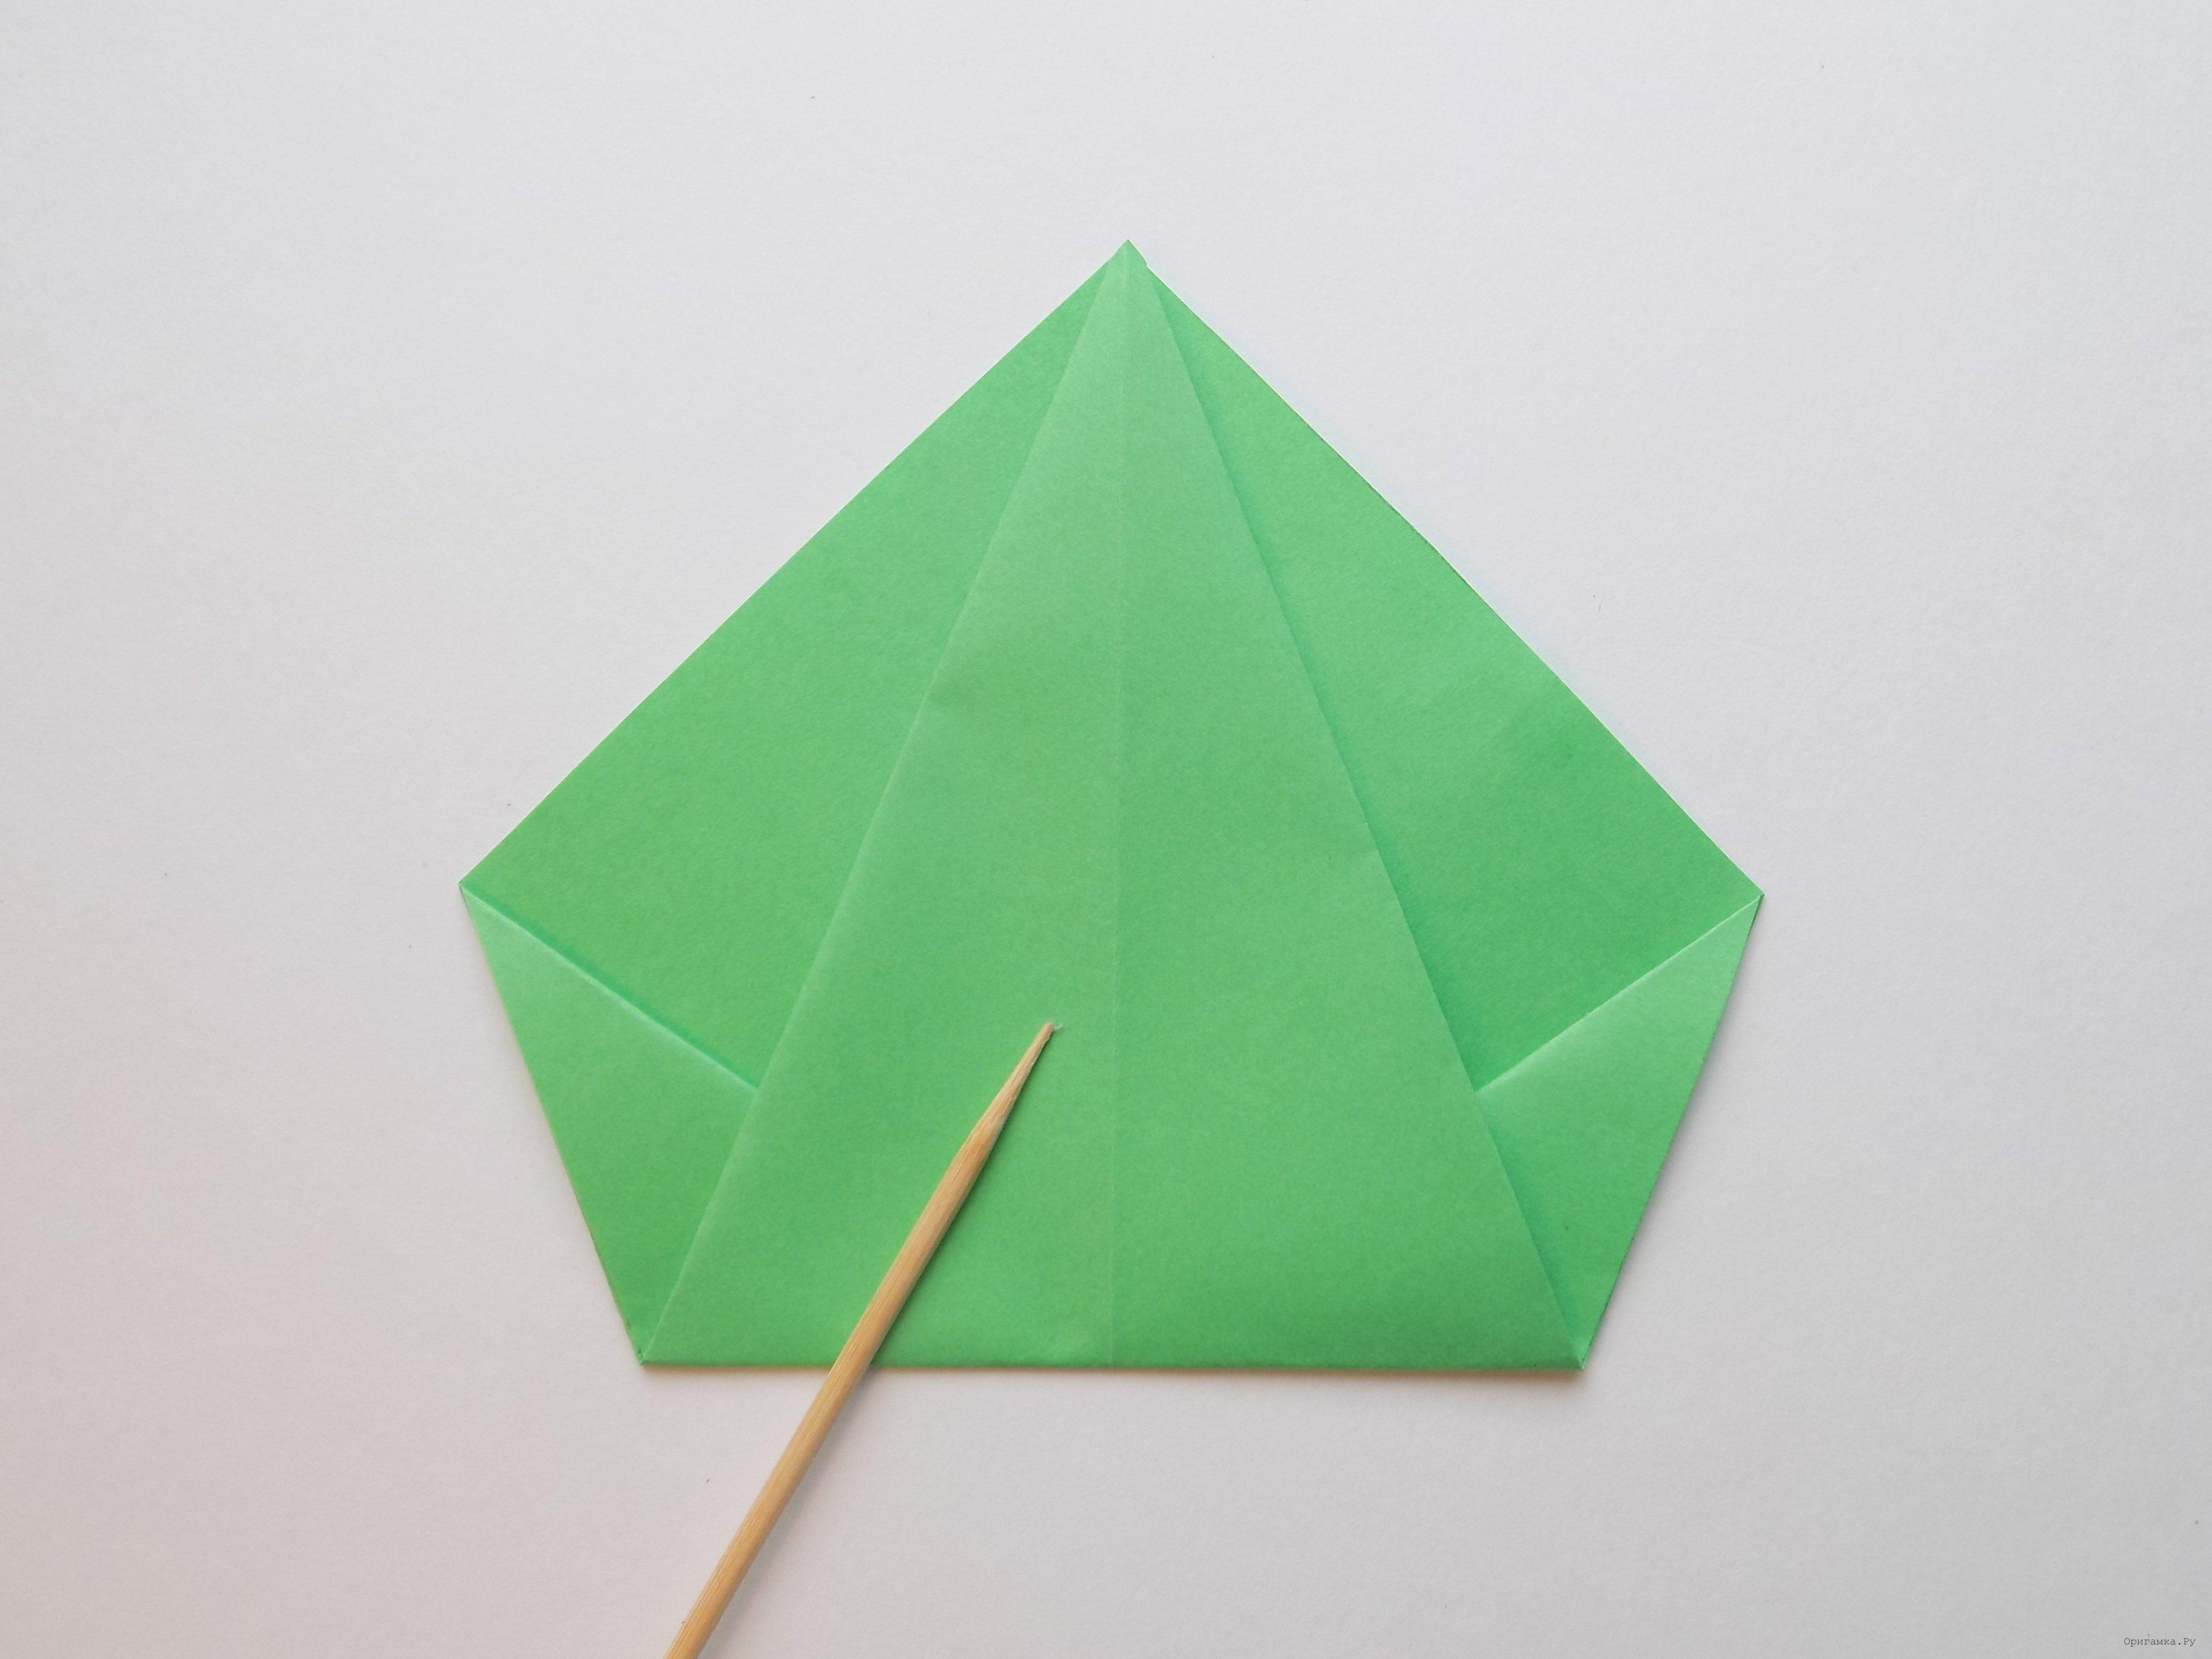 рада объявить оригами зеленый павлин фото схема тем менее коммунисткам